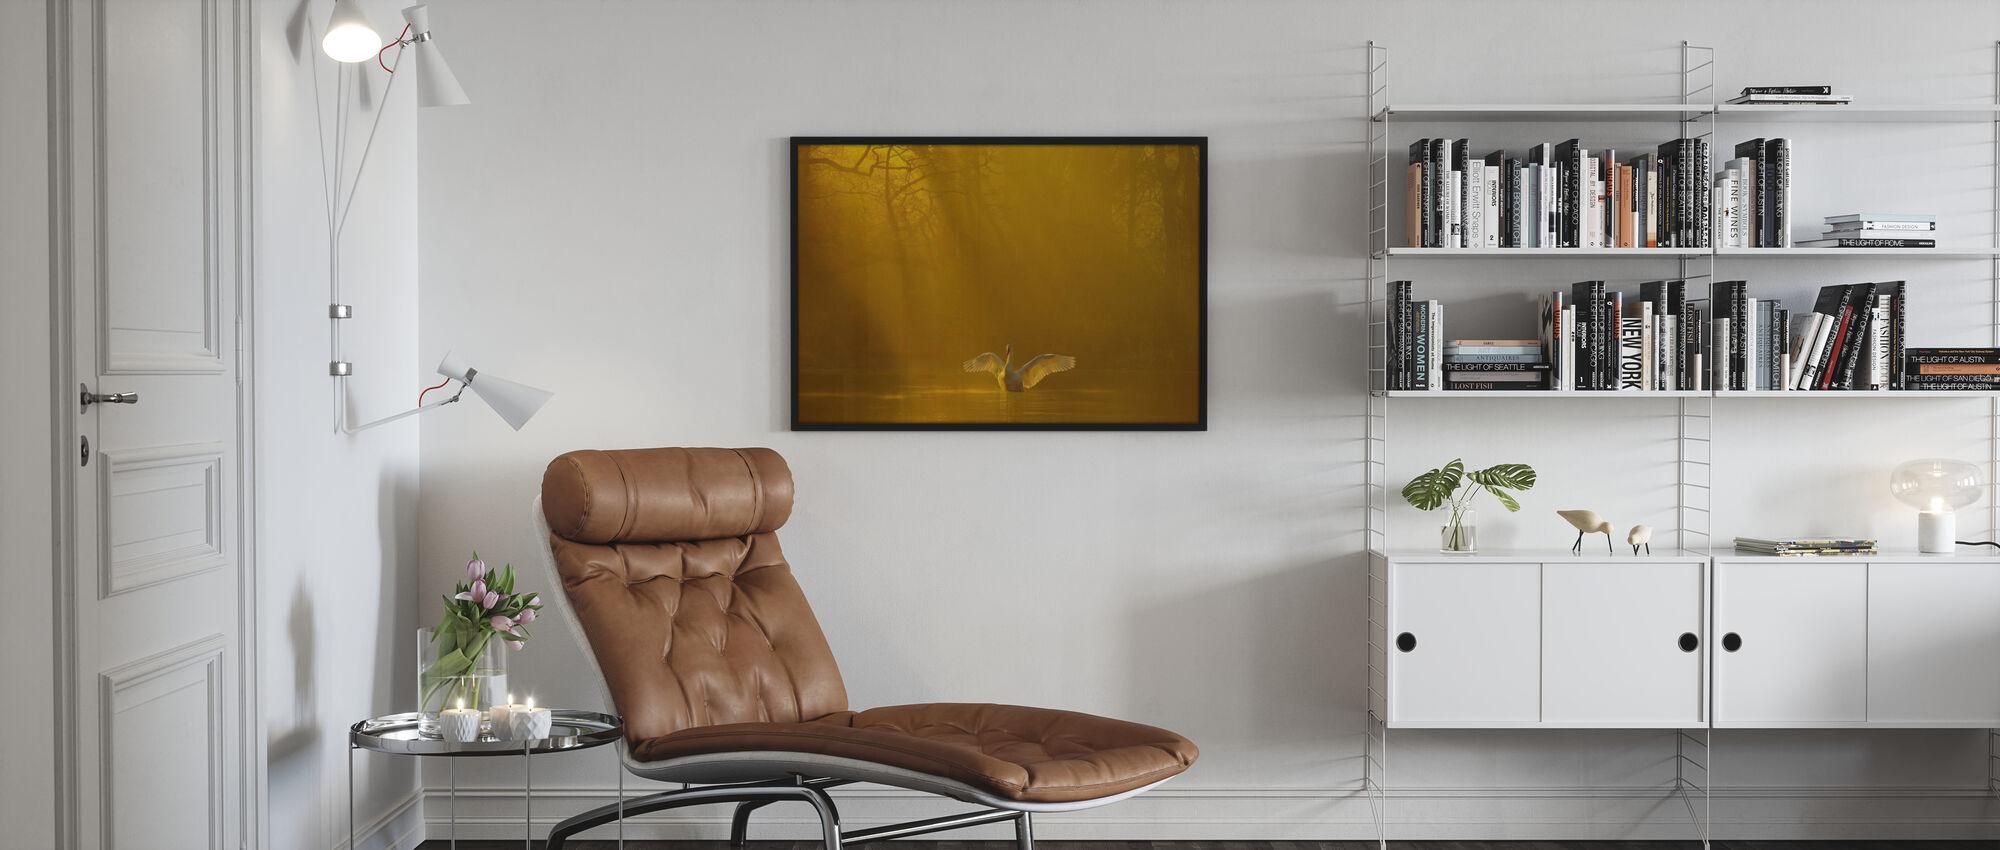 Goldener Schwanensee - Poster - Wohnzimmer